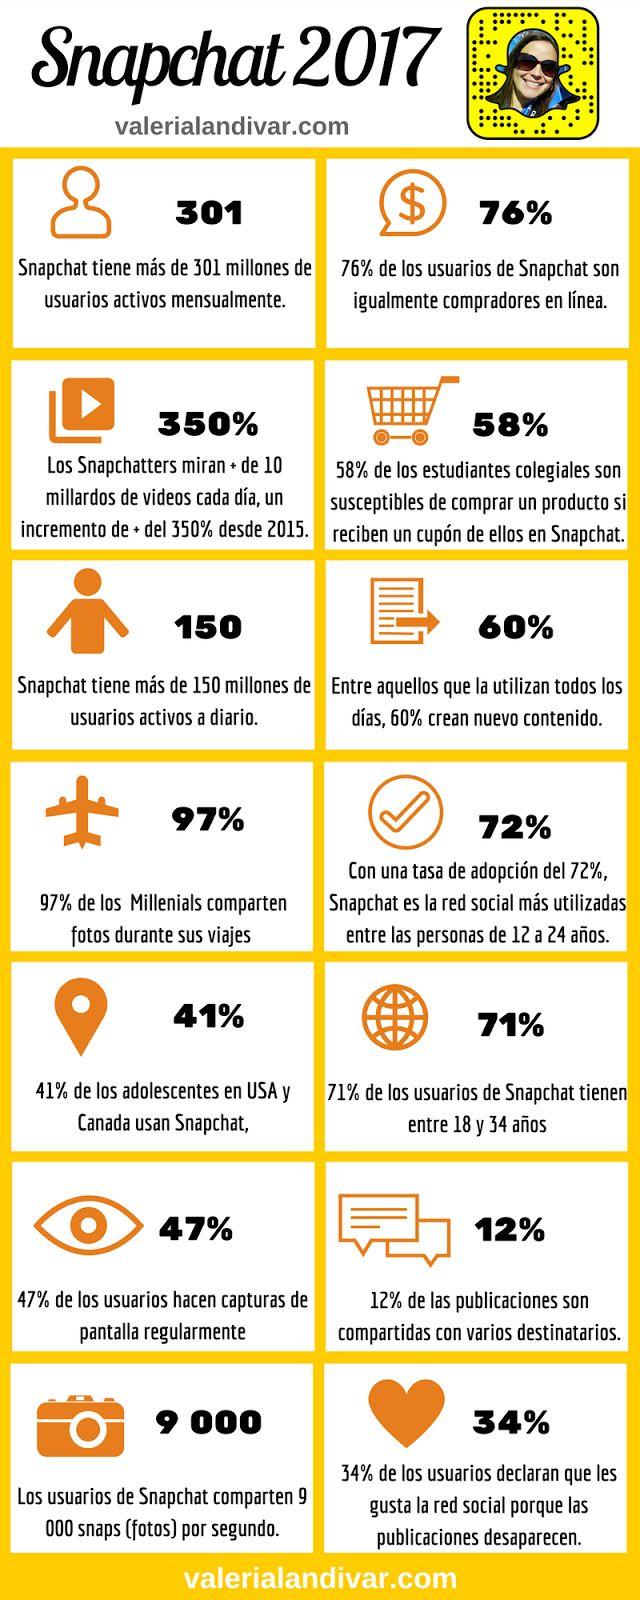 Infografia : ¿Has agregado Snapchat a tu estrategia de Marketing en línea? Entre 2015 y 2016, los usuarios mensuales activos de Snapchat han duplicado (100 millones a 200 millones). Snapchat pasó de ser una simple aplicación de publicación de fotos y videos a una herramienta de Marketing que no puede ser ignorada.  Miremos algunas cifras para descubrir más sobre Snapchat: